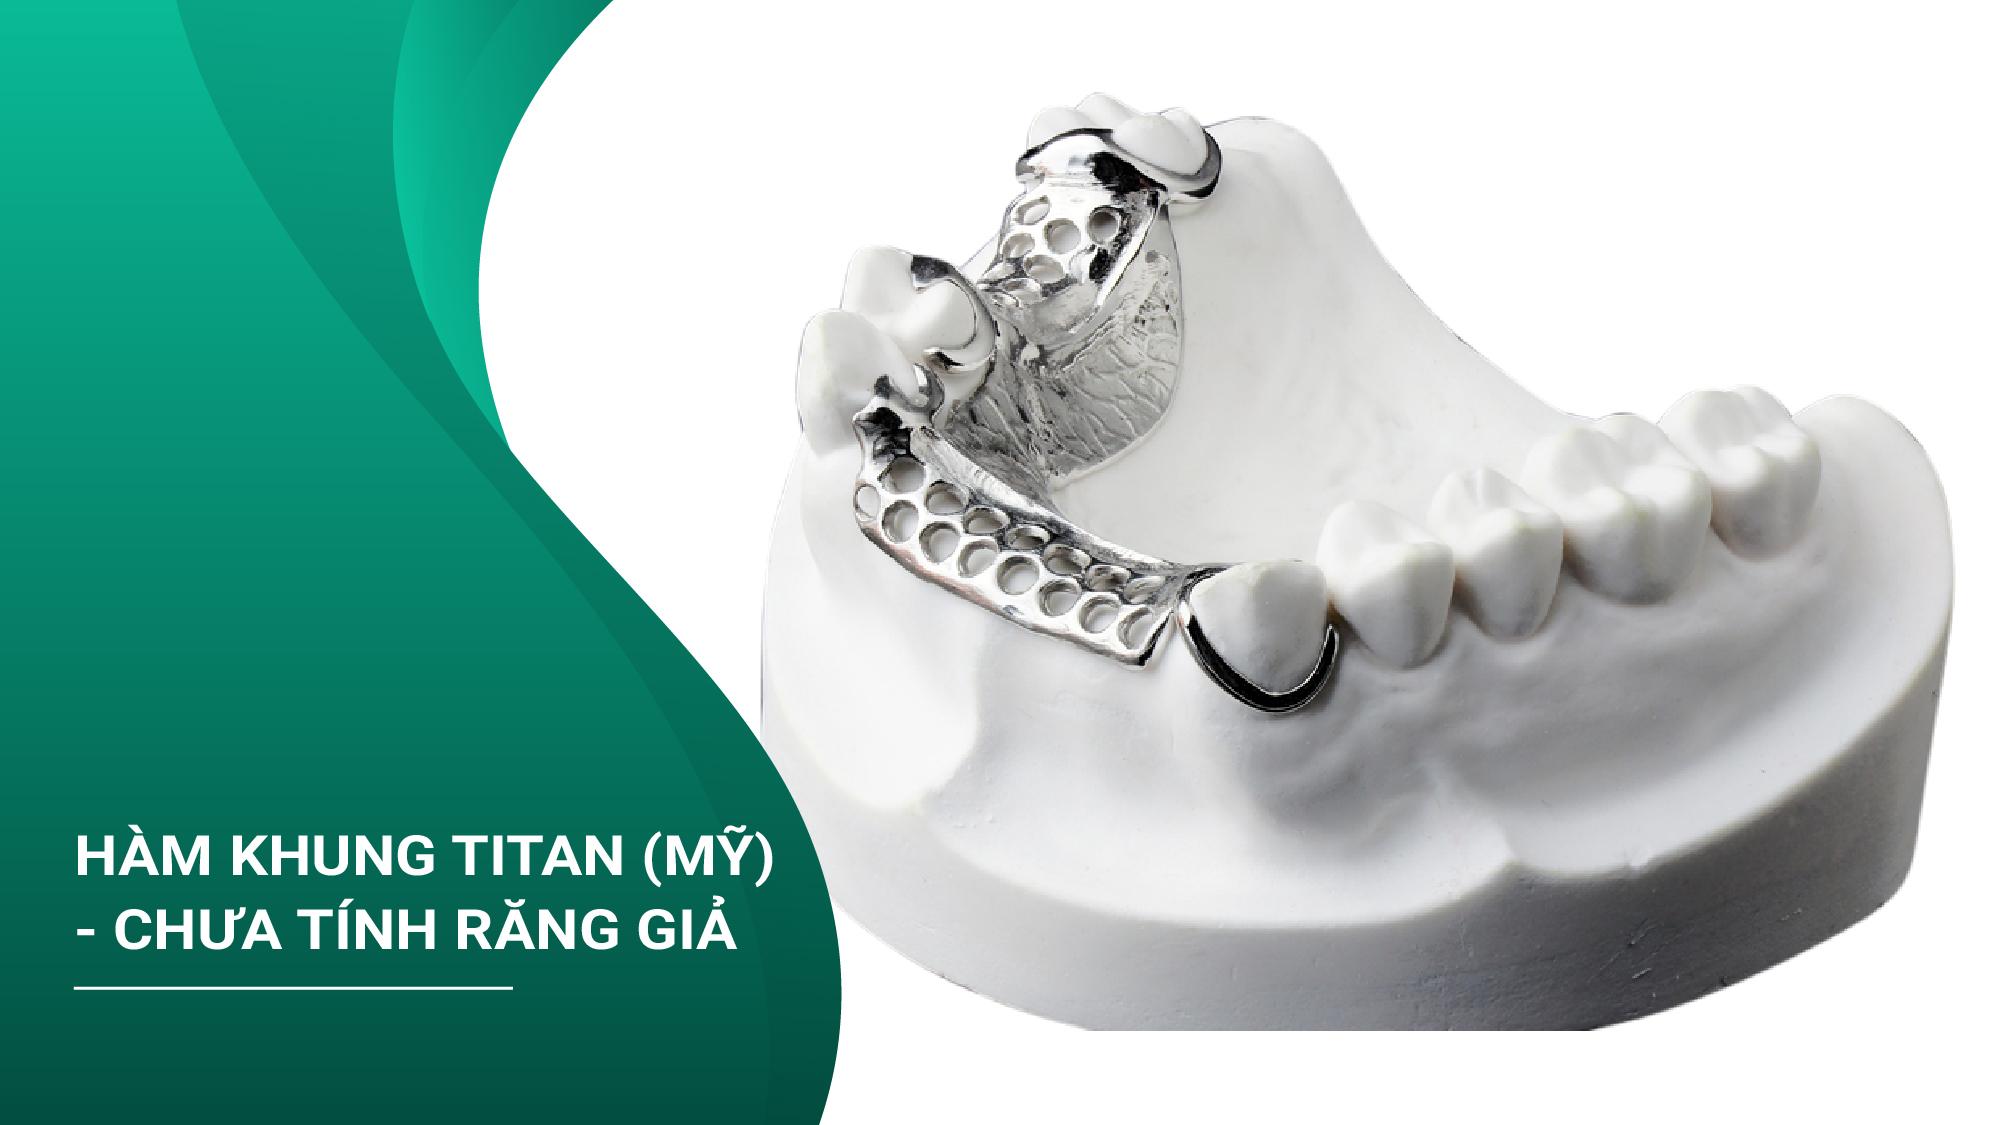 Hàm Khung Titan (Mỹ) Chưa Tính Răng Giả